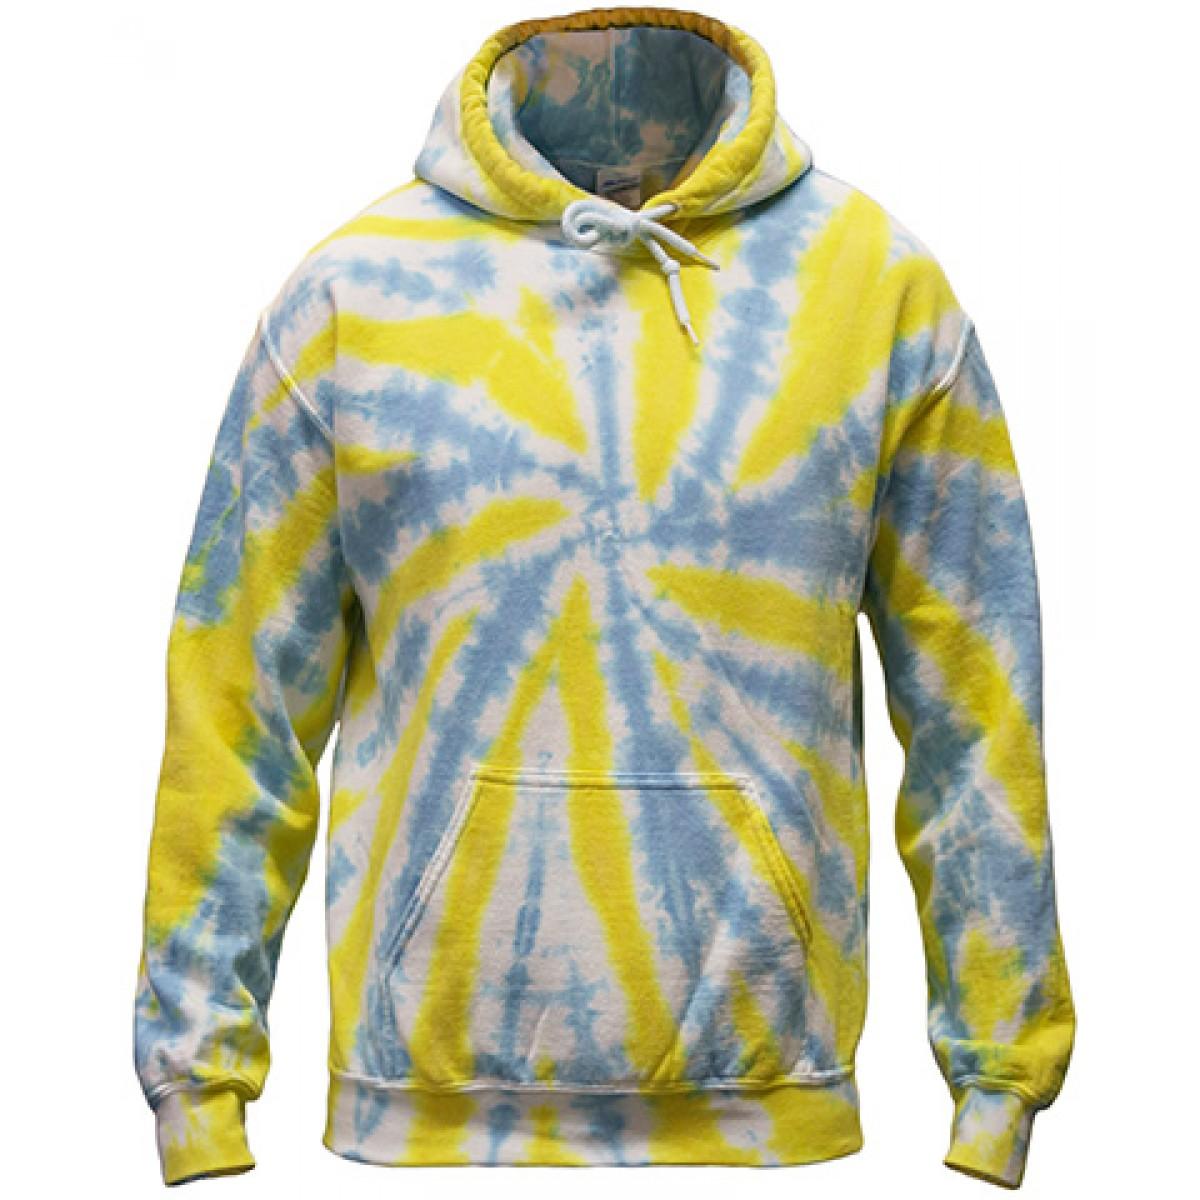 Tie-Dye Pullover Hooded Sweatshirt-Blue/Yellow-2XL